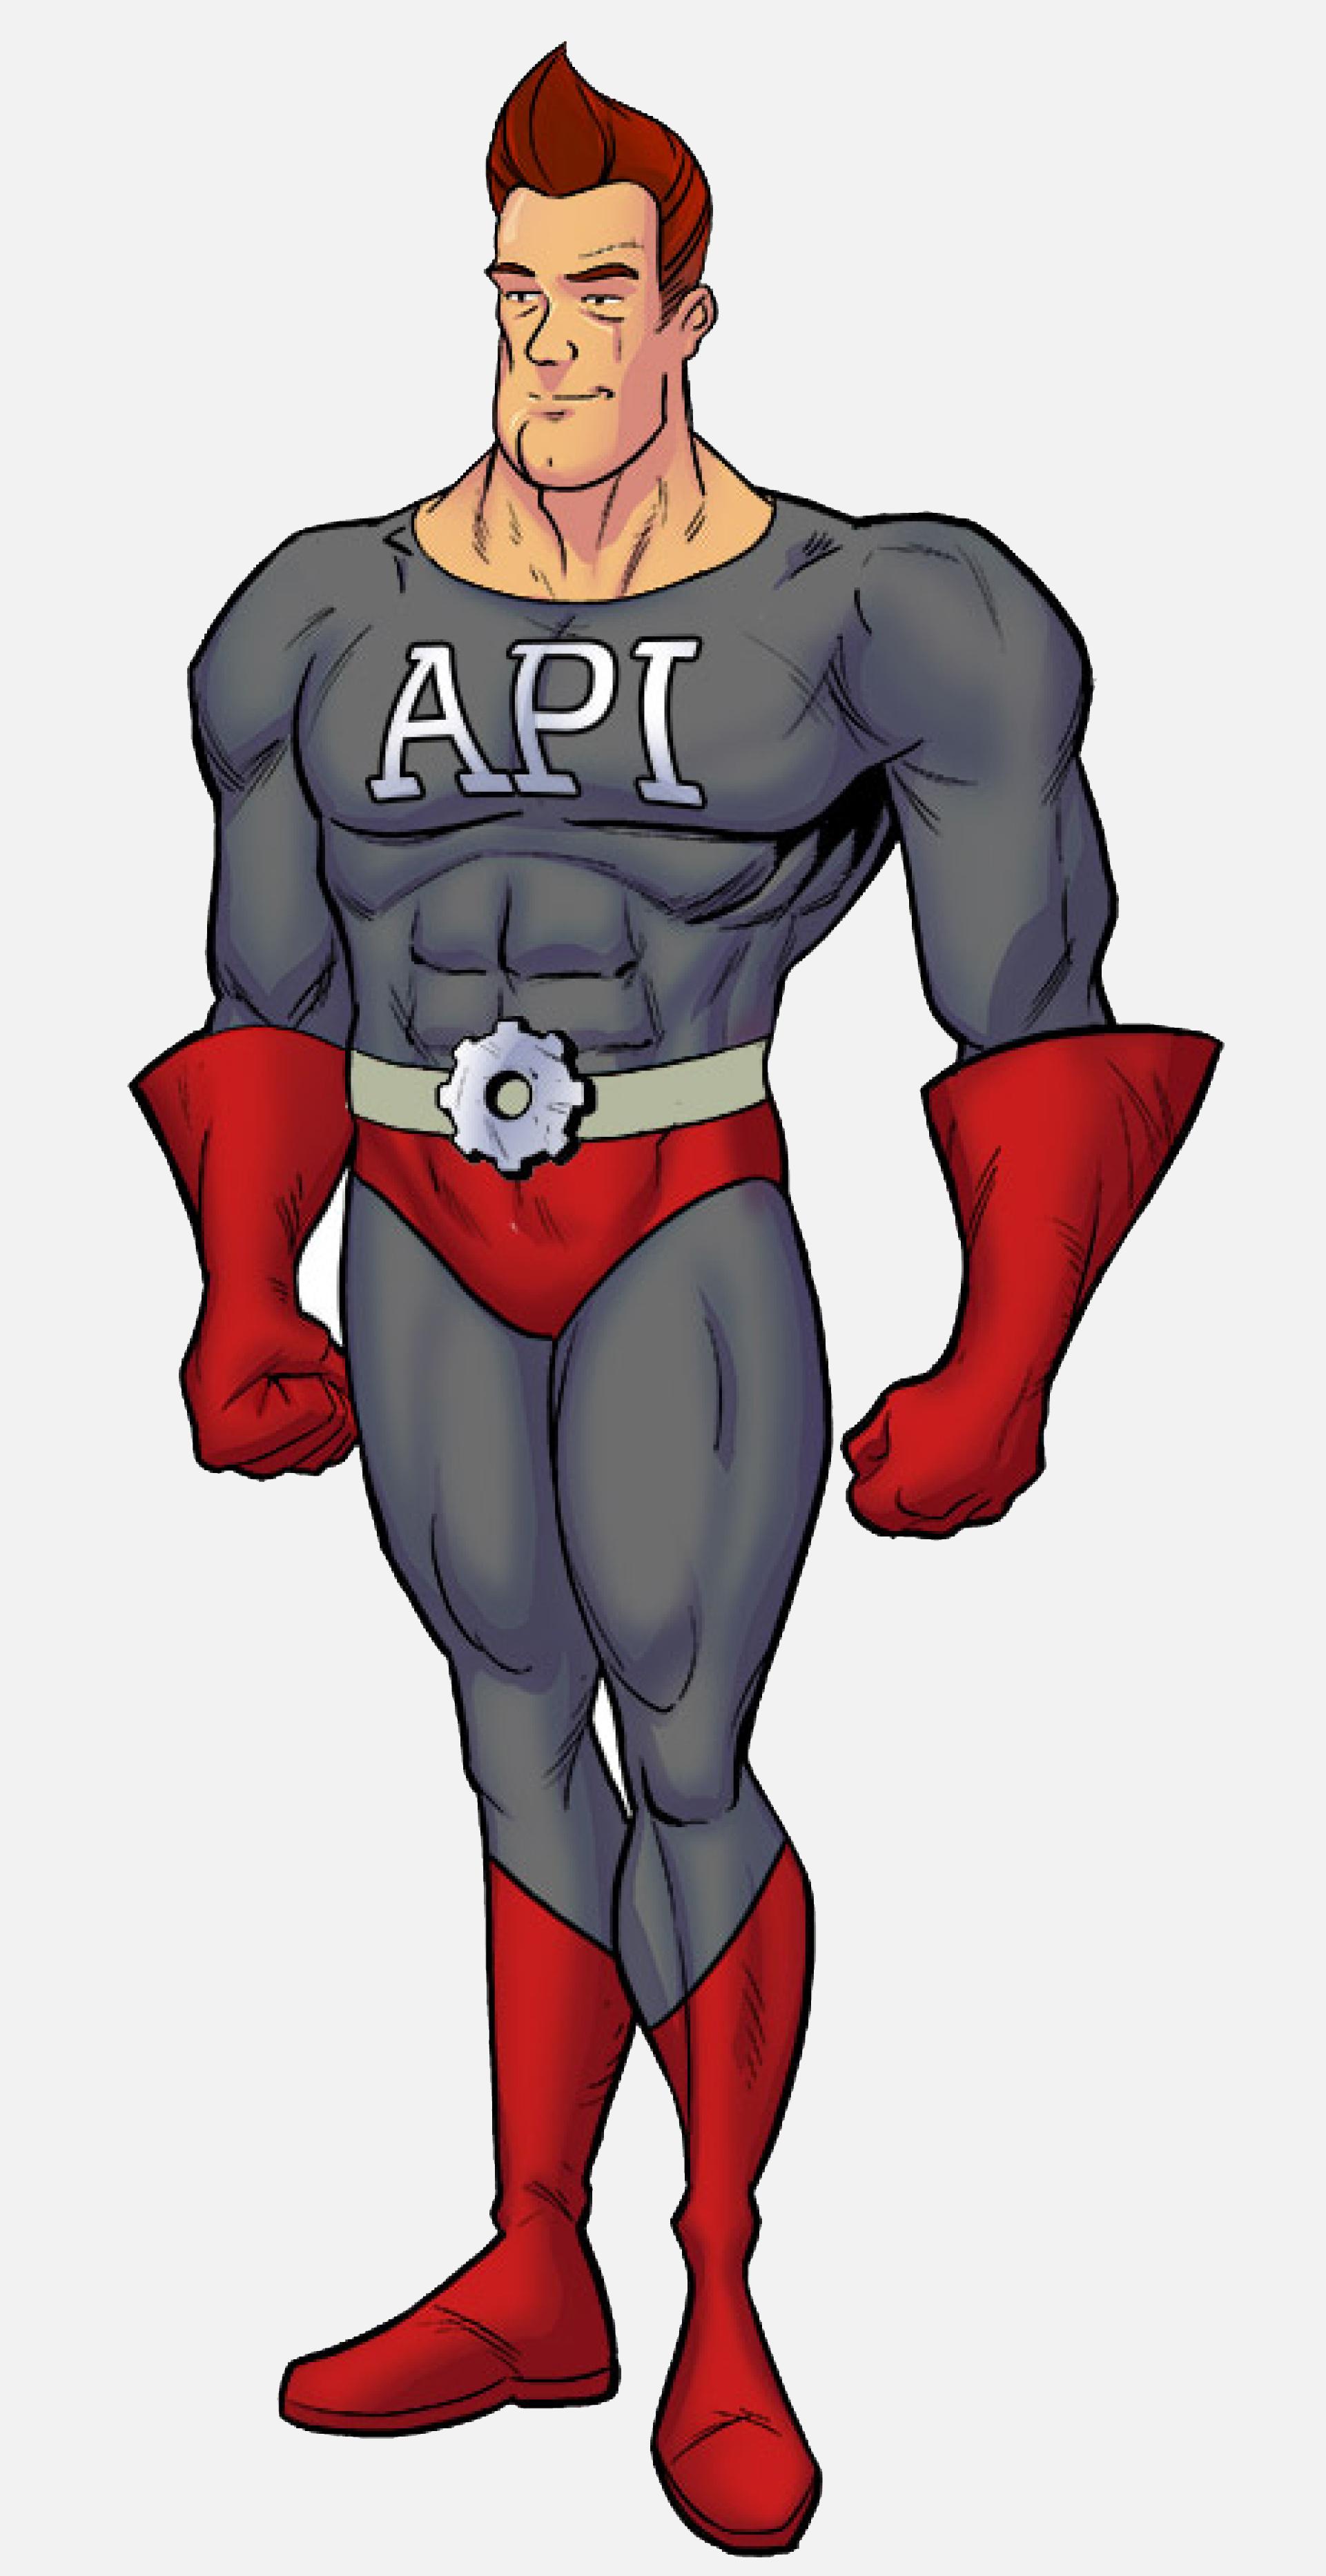 API Guy3.png